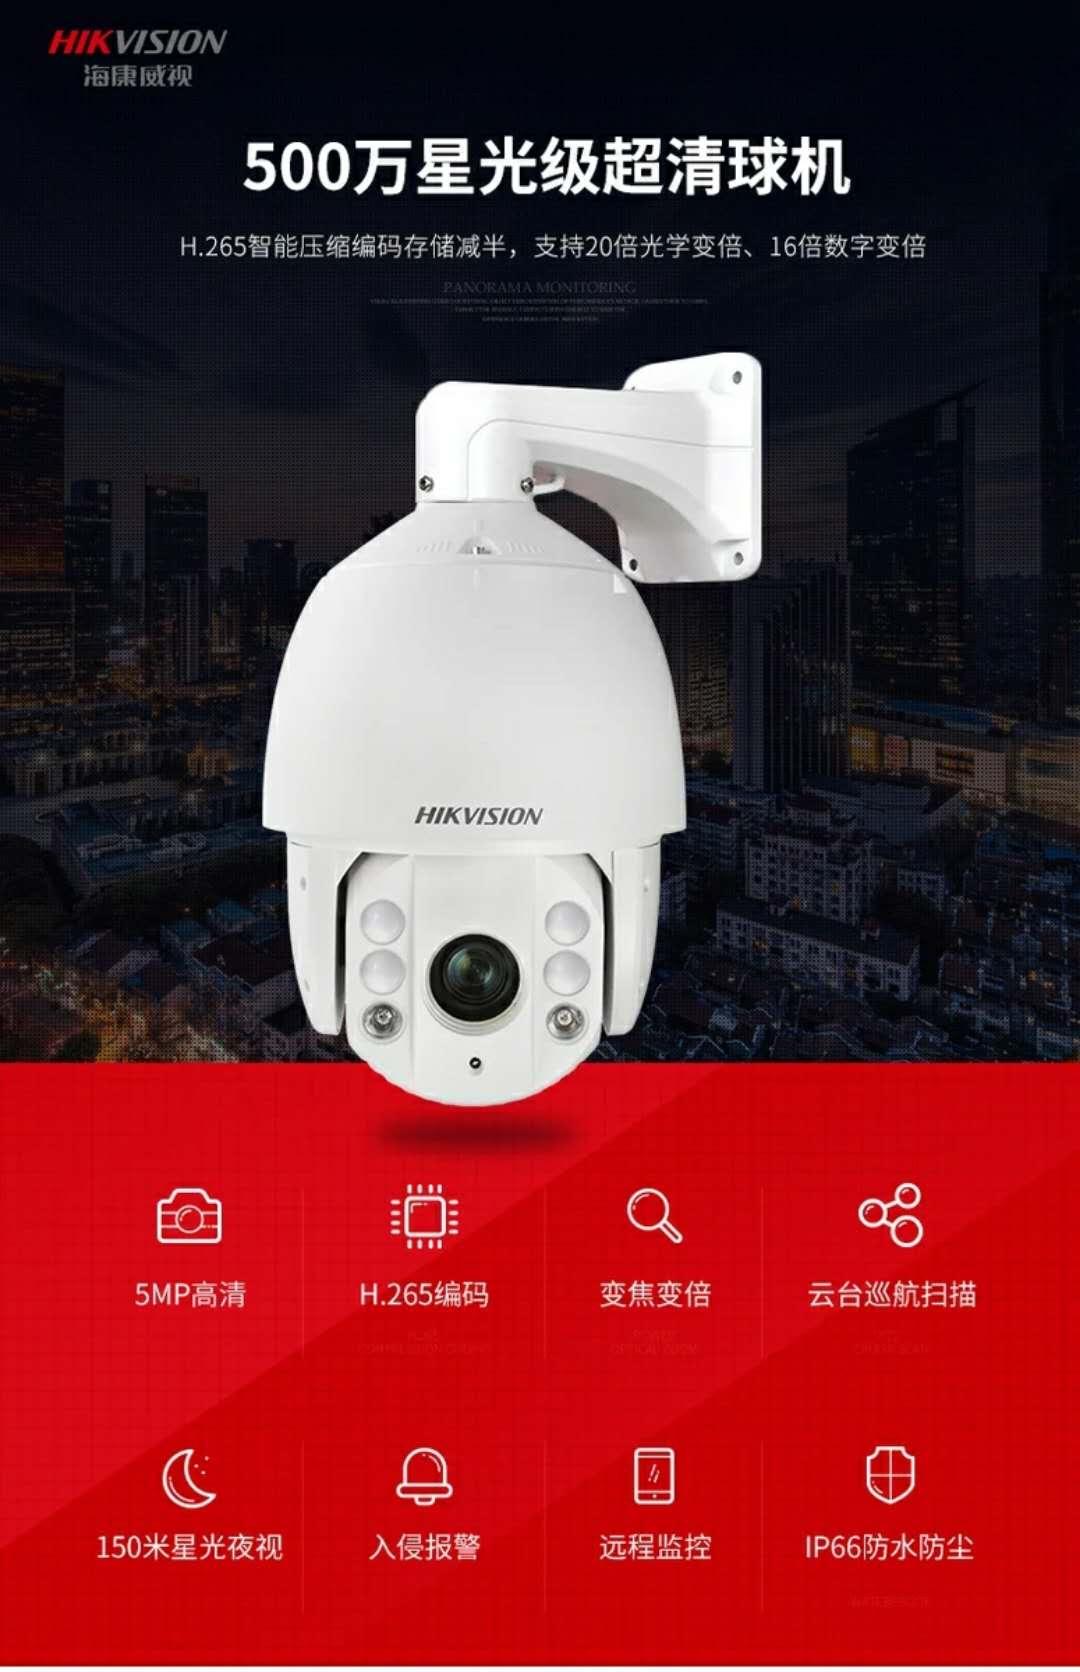 高清电脑视频摄像头_海康威视500万网络高速球机高清红外监控摄像头DS-2DC7520IW-A